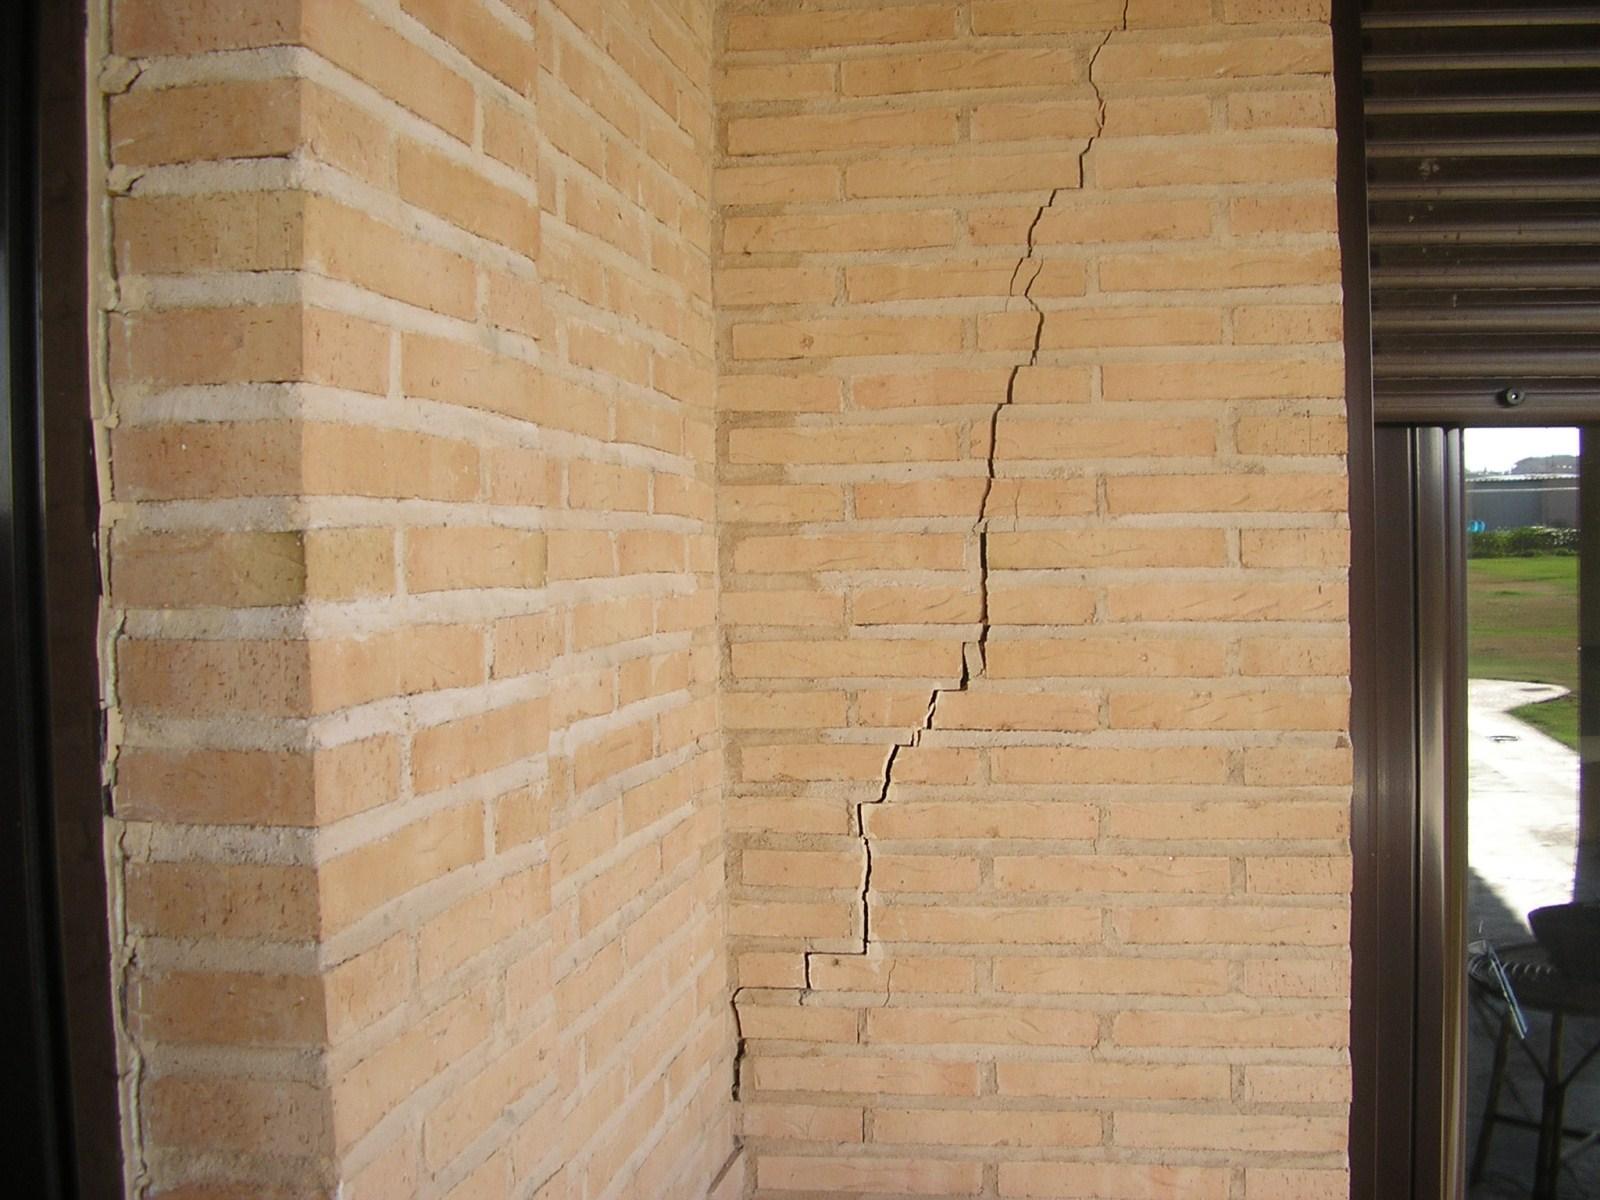 Reparar grietas en paredes beautiful free cerrar la vista - Reparar grietas pared ...